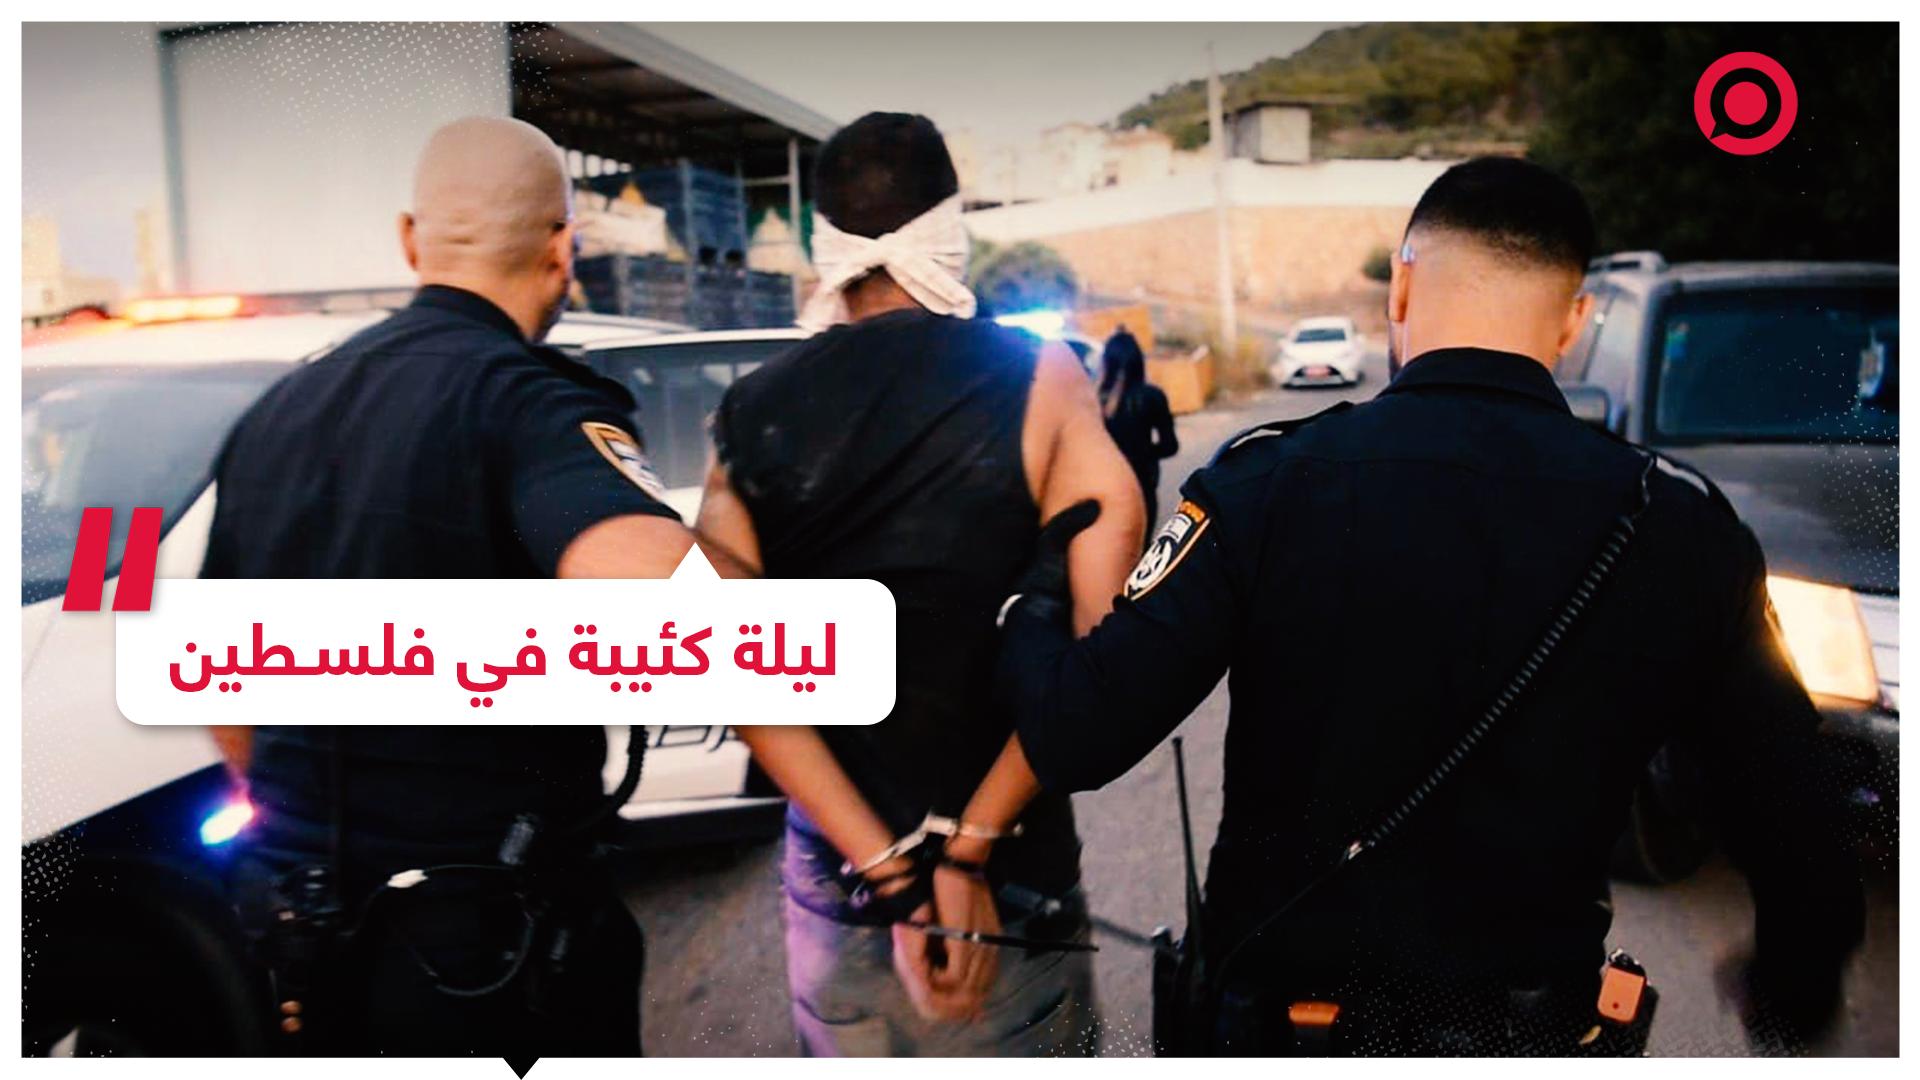 الحزن يخيم على الشارع الفلسطيني